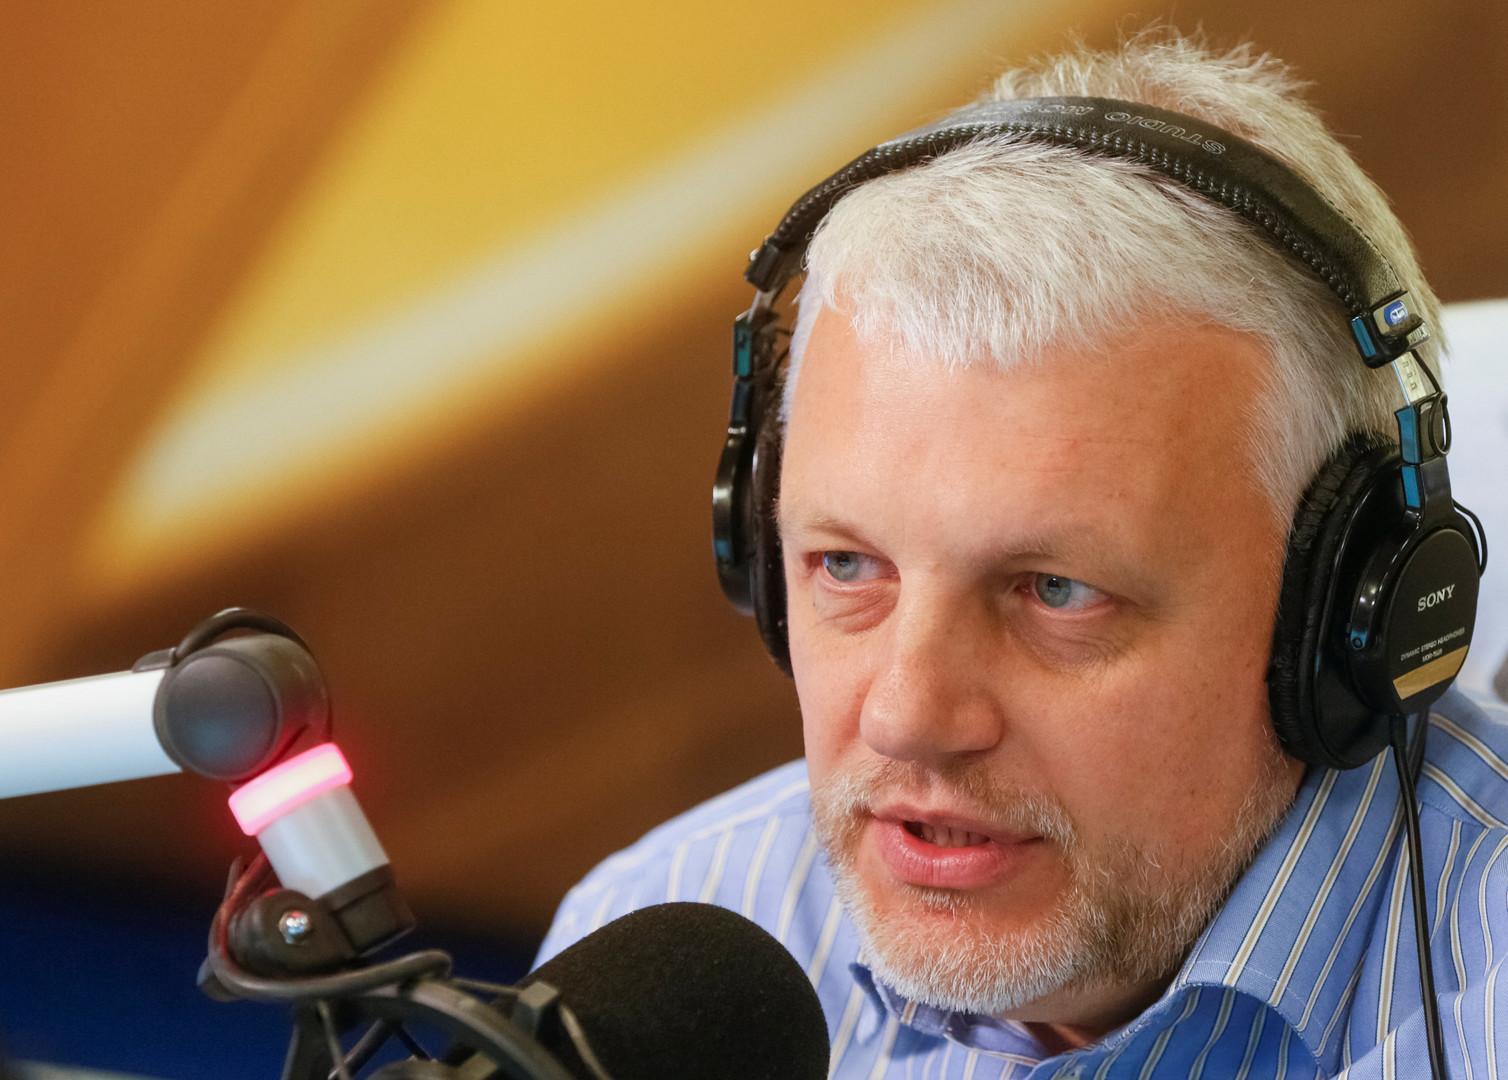 Павел Шеремет, российский, белорусский и украинский тележурналист. Погиб 20 июля 2016 года в результате взрыва автомобиля в центре Киева.